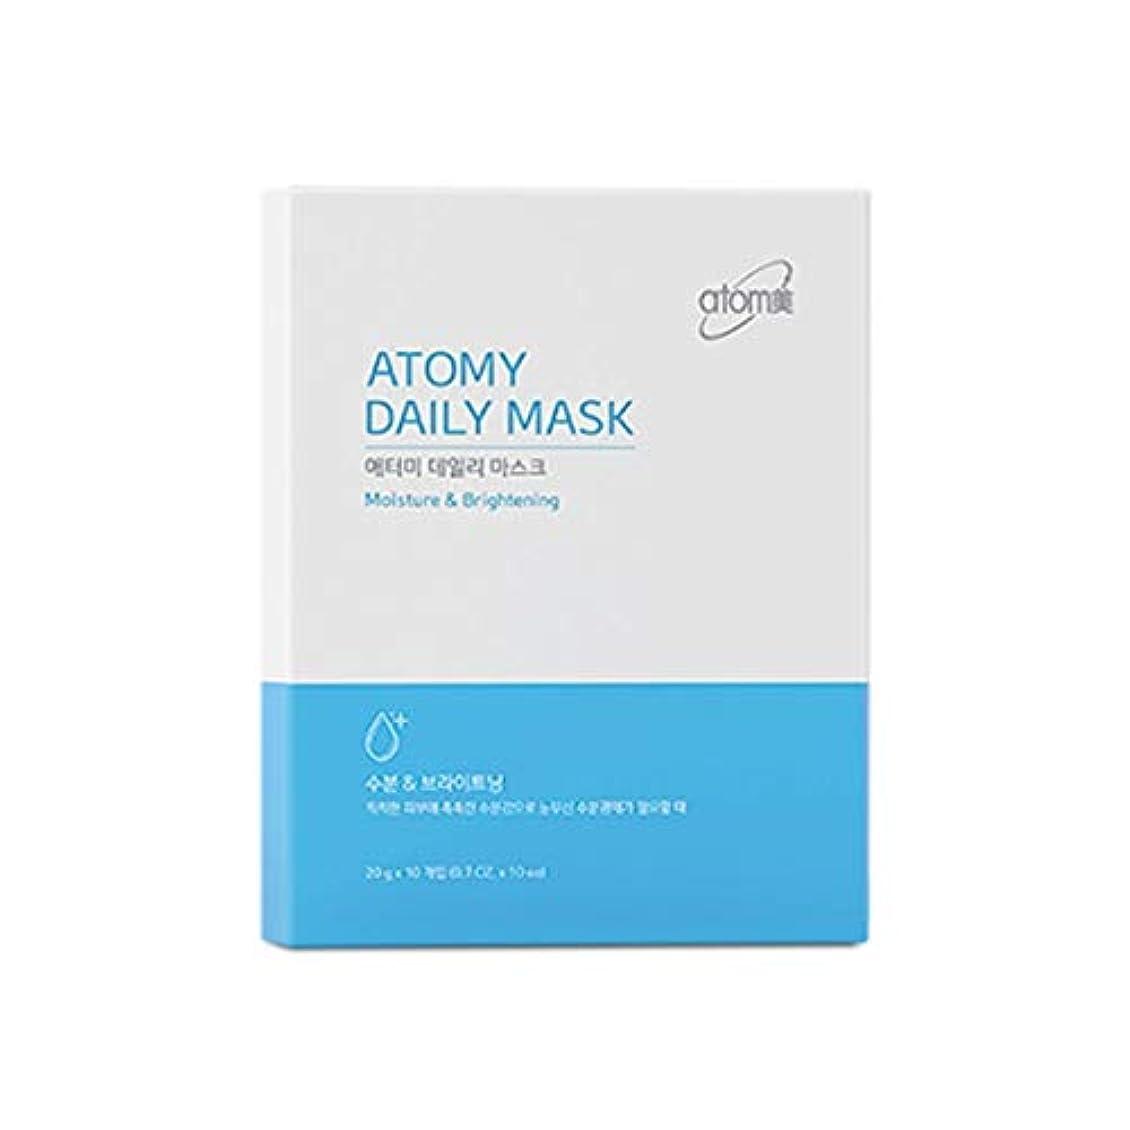 南東夜明けに生[NEW] Atomy Daily Mask Sheet 10 Pack- Moisture & Brightening アトミ 自然由来の成分と4つの特許成分マスクパック(並行輸入品)